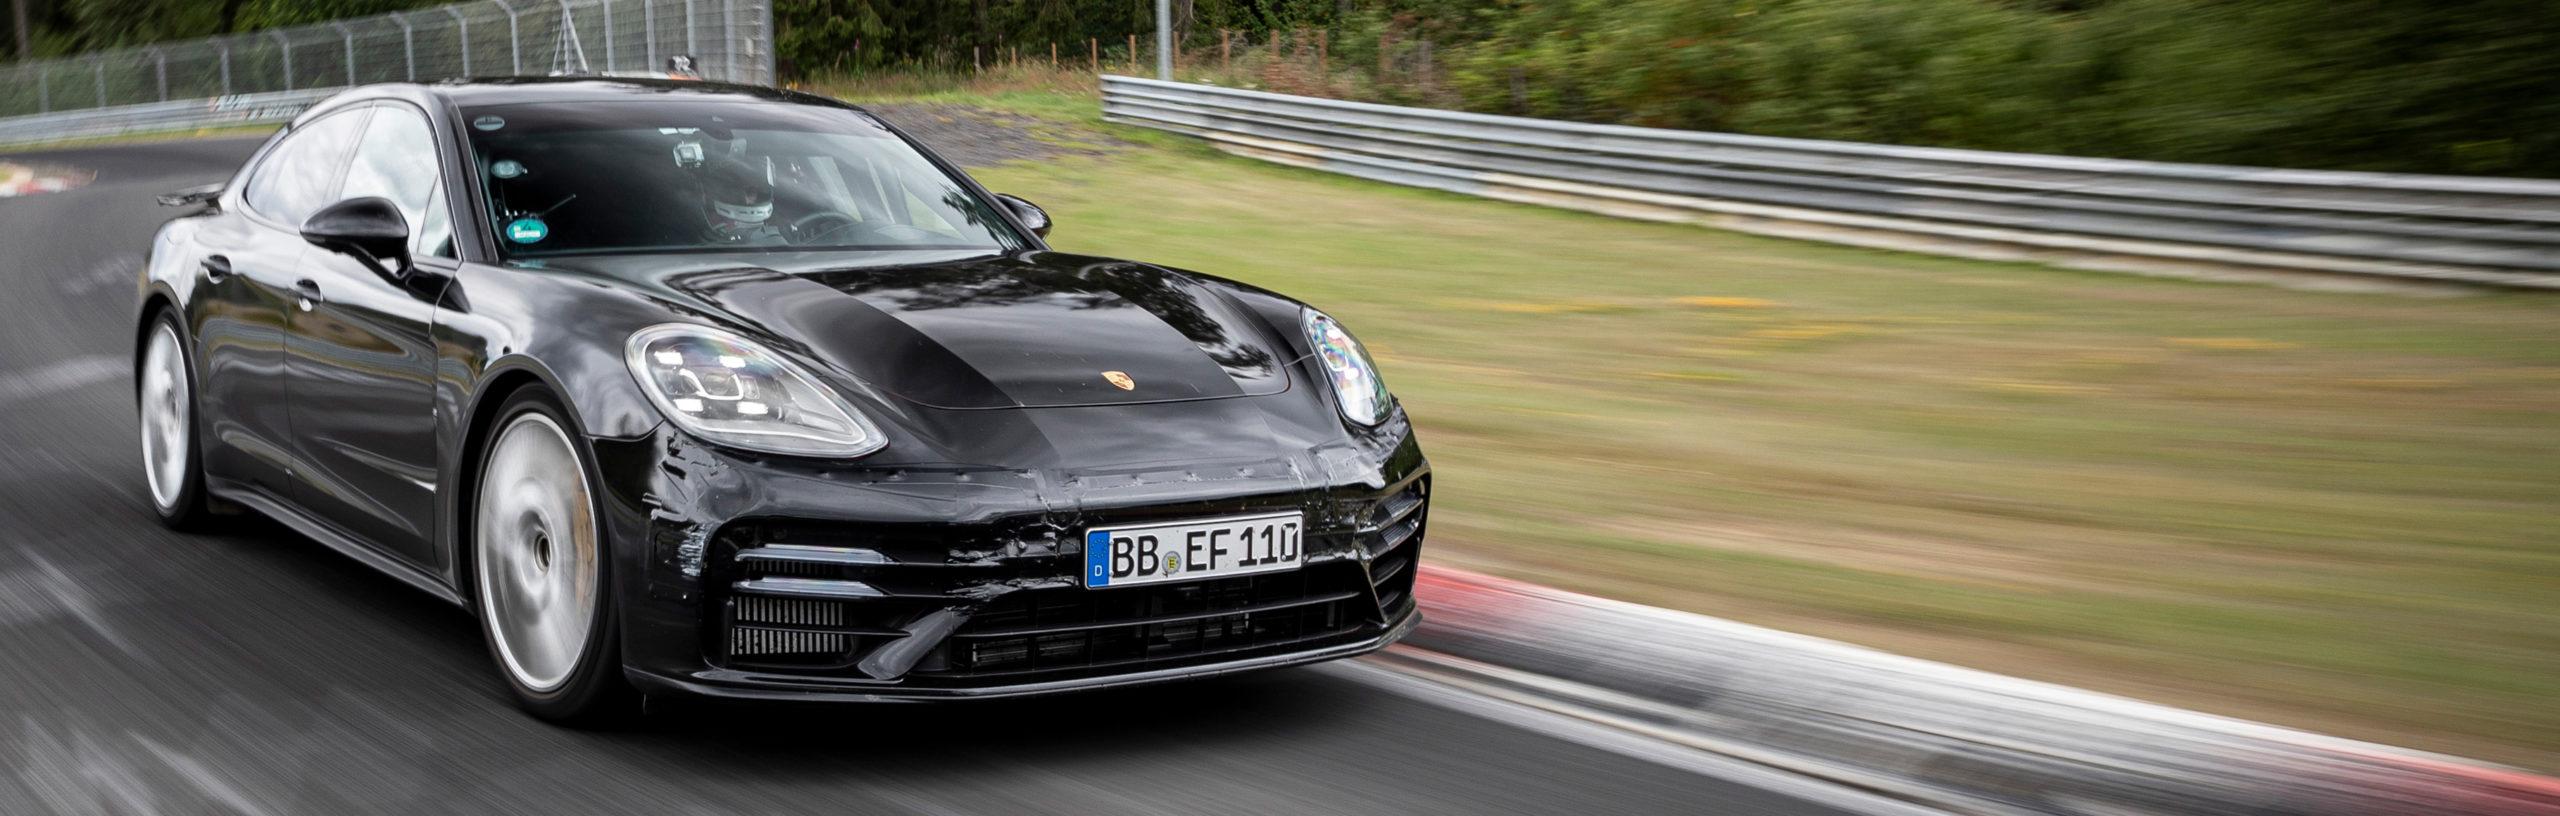 El nuevo Porsche Panamera de récord en Nürburgring